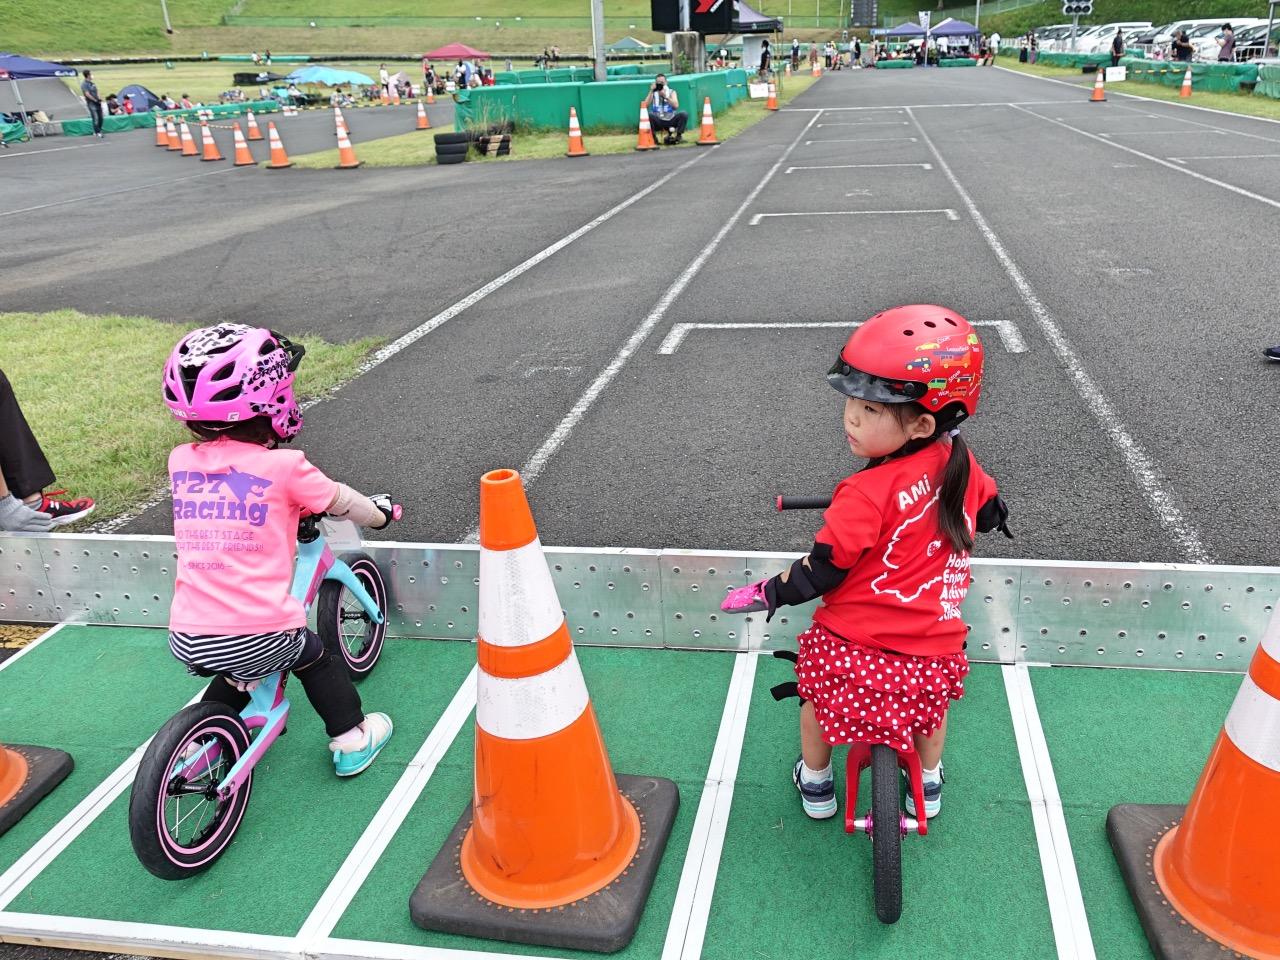 SUGOマルチショートランバイクカップ3歳クラススタート前